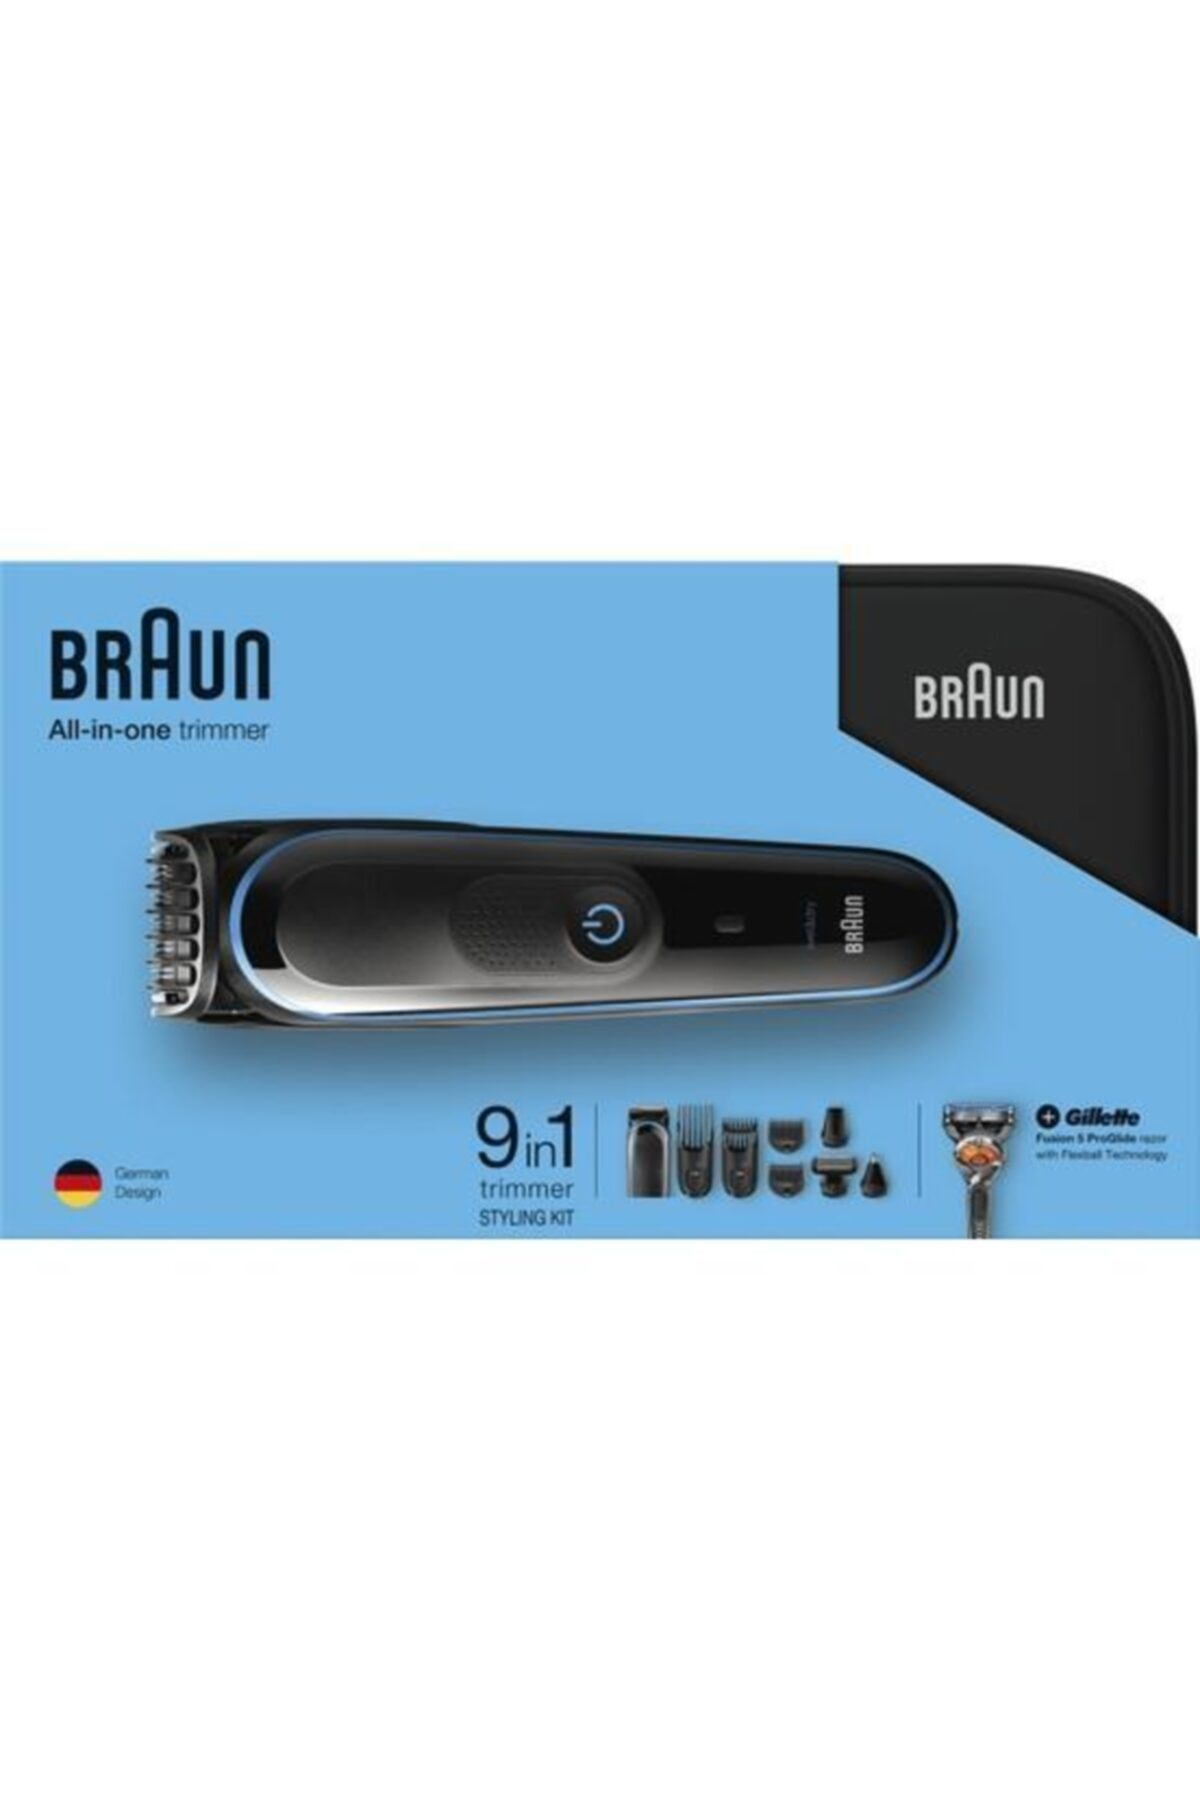 Braun Mgk3980 Çoklu Bakım Kiti Siyah/mavi -saç Ve Sakal Şek.+9 In 1 Özel Tasarım Sert Taşıma Çantalı 2